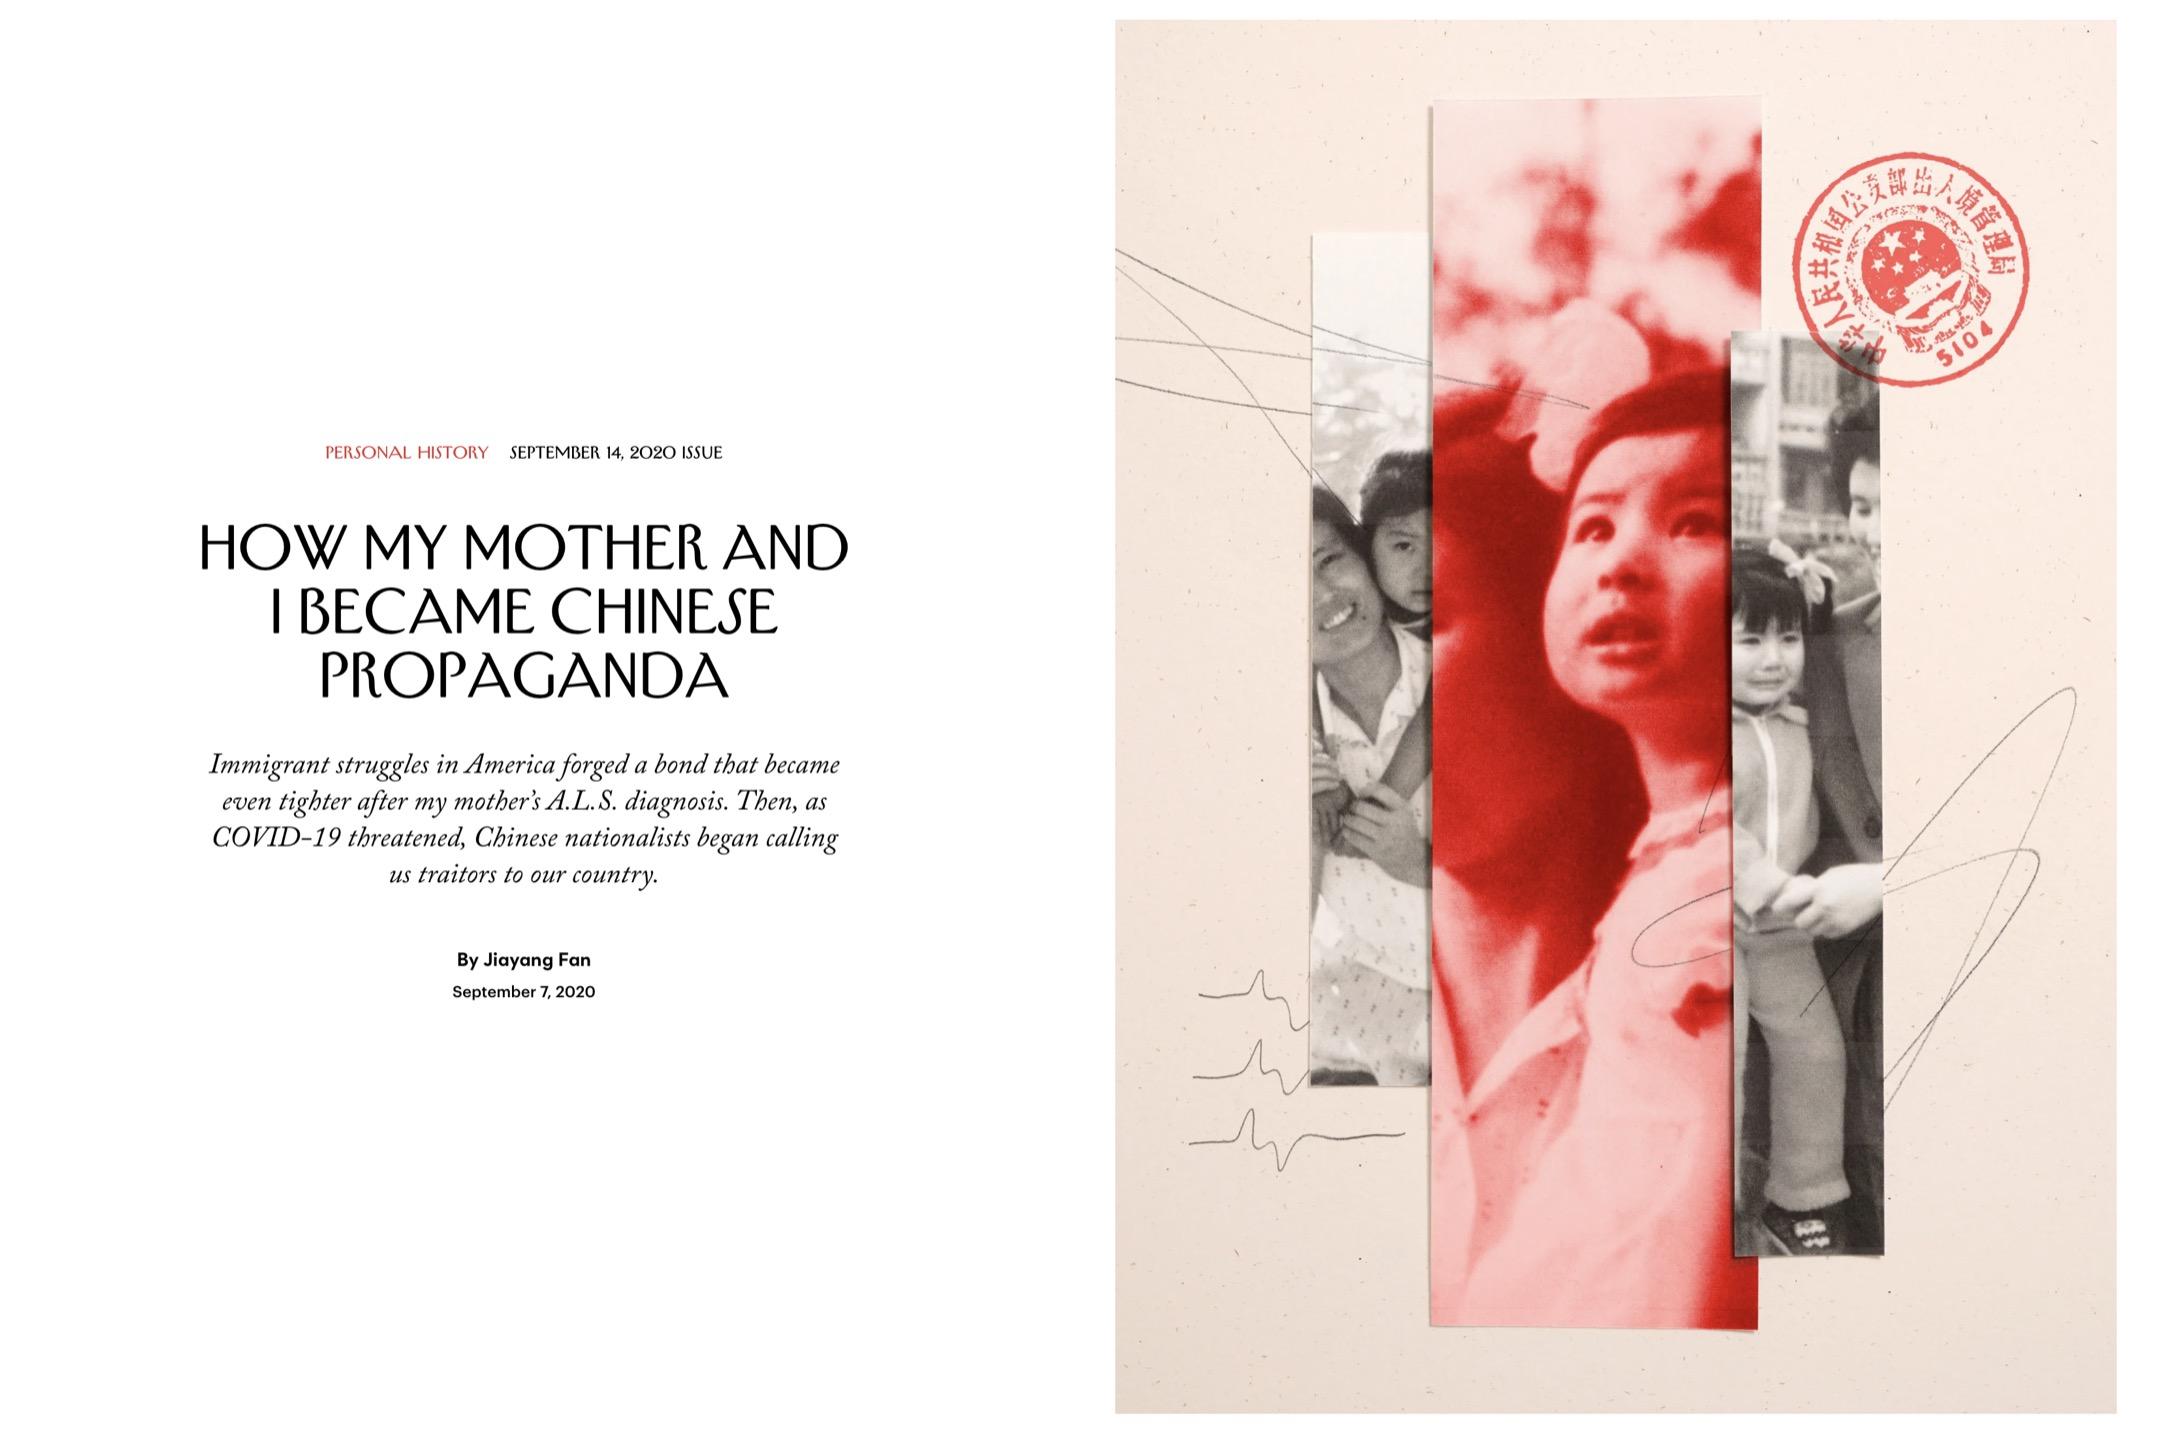 2020年春天,《紐約客》希望樊嘉揚寫一篇關於「小粉紅」的報導,講述她經歷的網絡暴力。她開始重新閲讀那些攻擊,並希望寫出網絡背後的人們的複雜性。這篇文章是當月《紐約客》的封面報導。